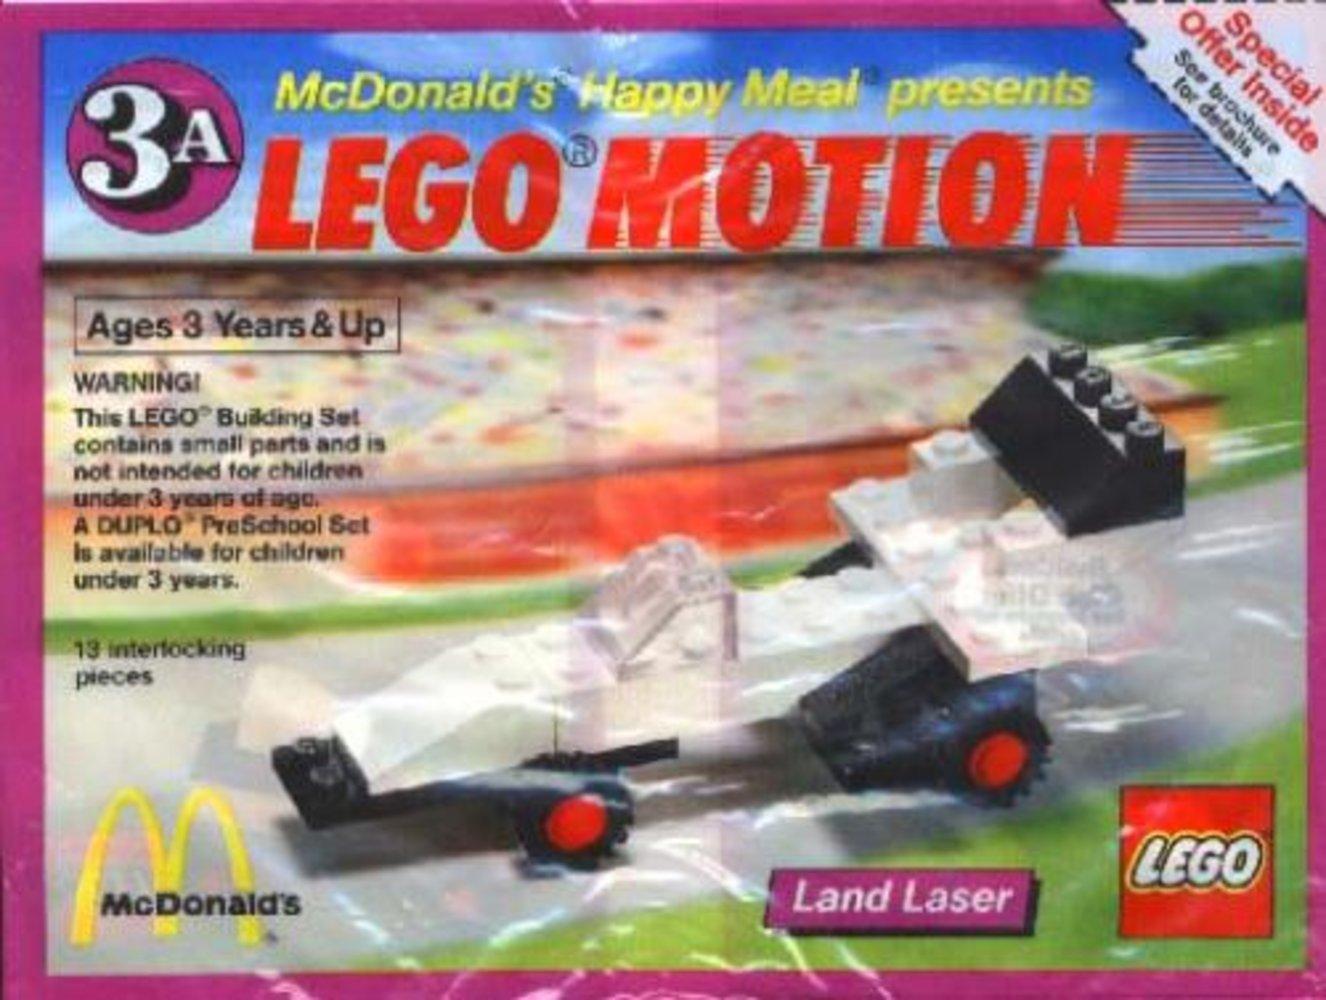 Lego Motion 3A, Land Laser